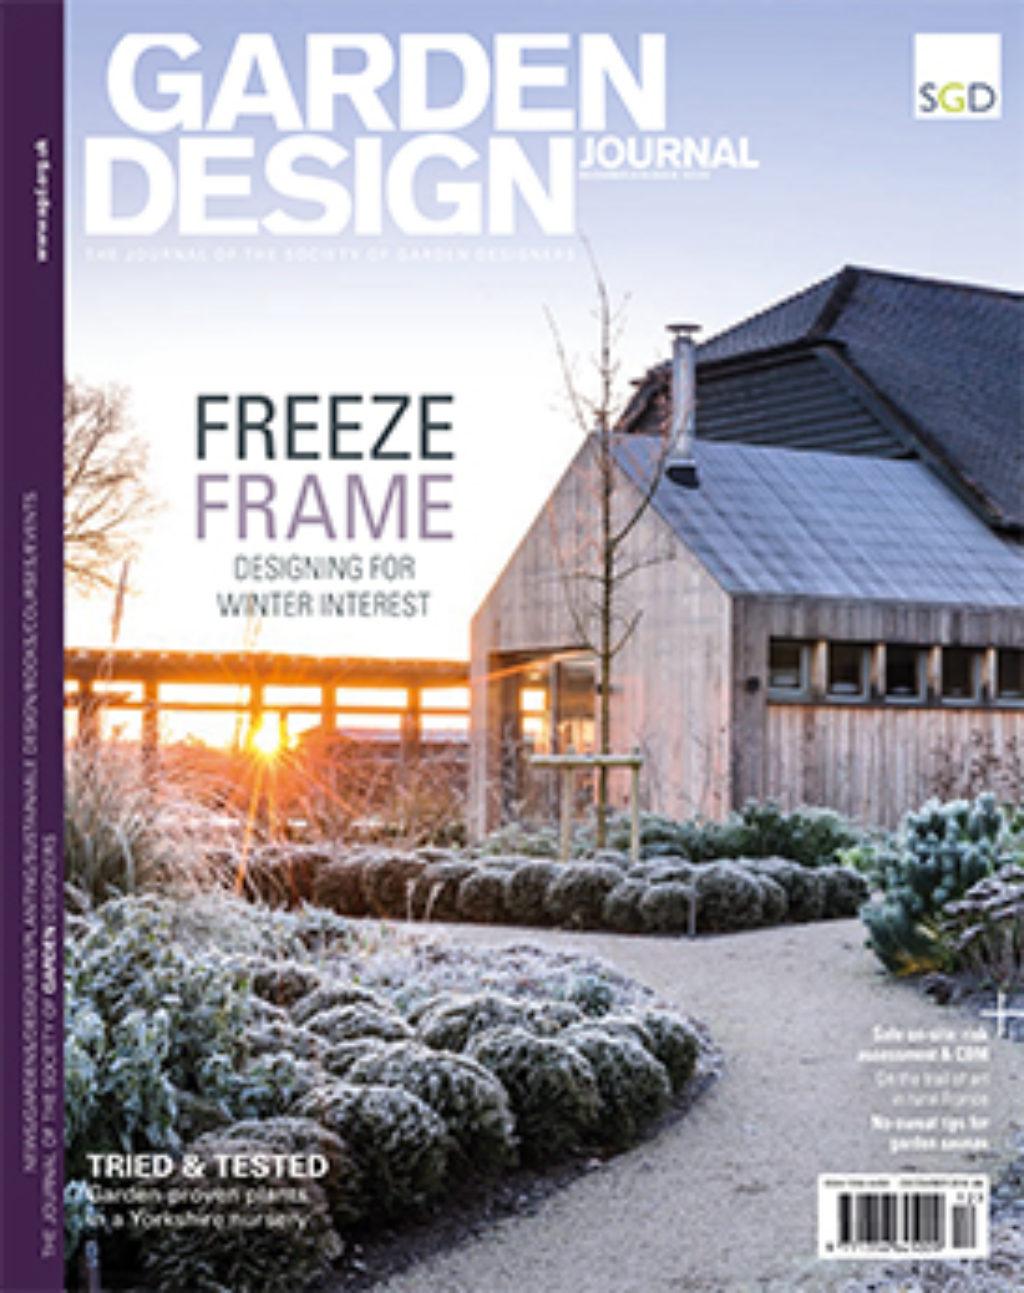 GDJ Dec 2018 Cover